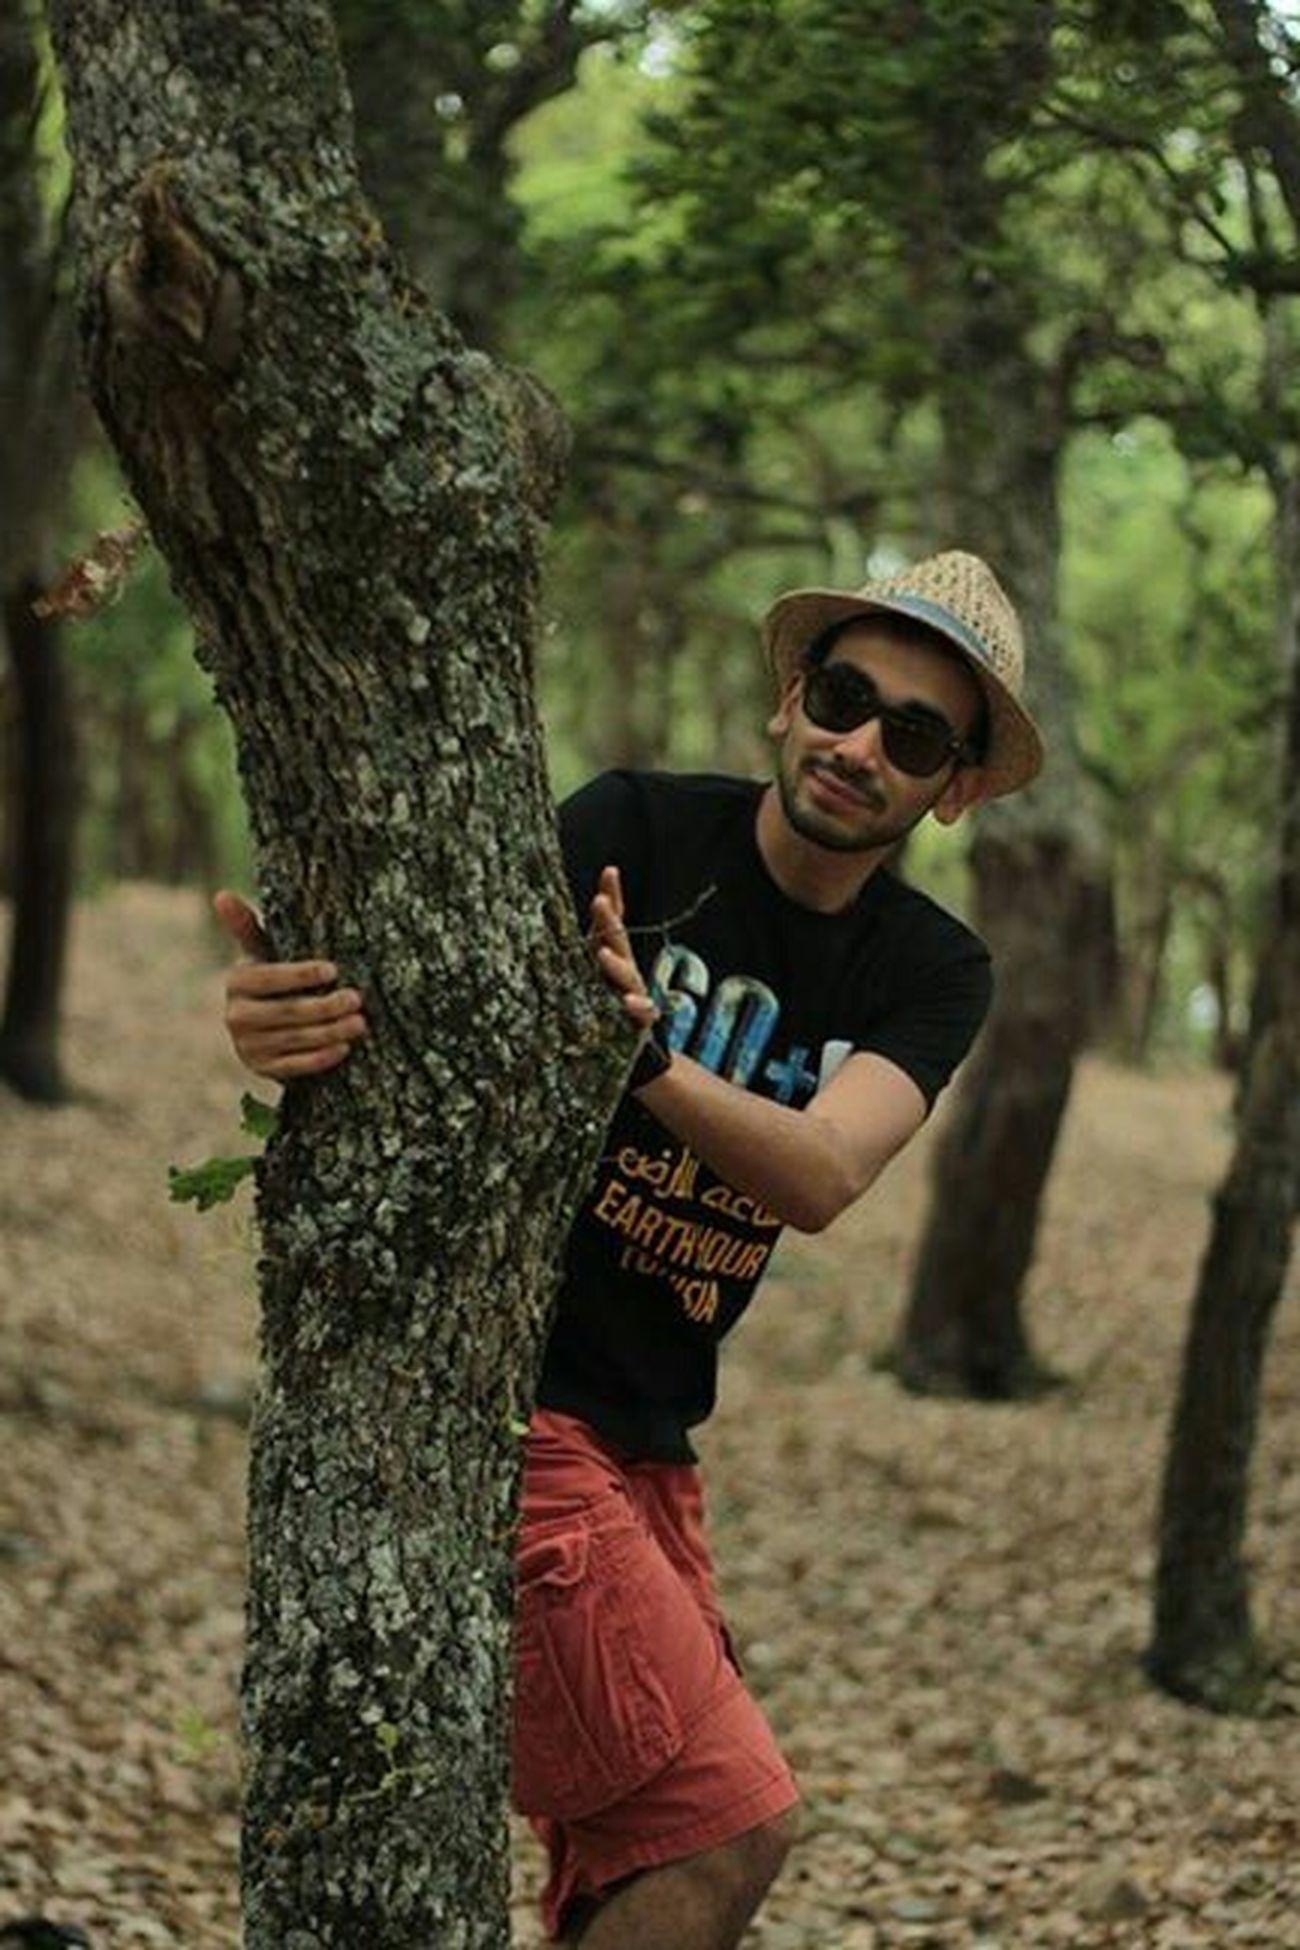 Tunisia Nature Forest Forestsforus Saveourforests Forestshot Wwf Earthhourtunisia Theportraitist Theportaitist2015eyeemawards